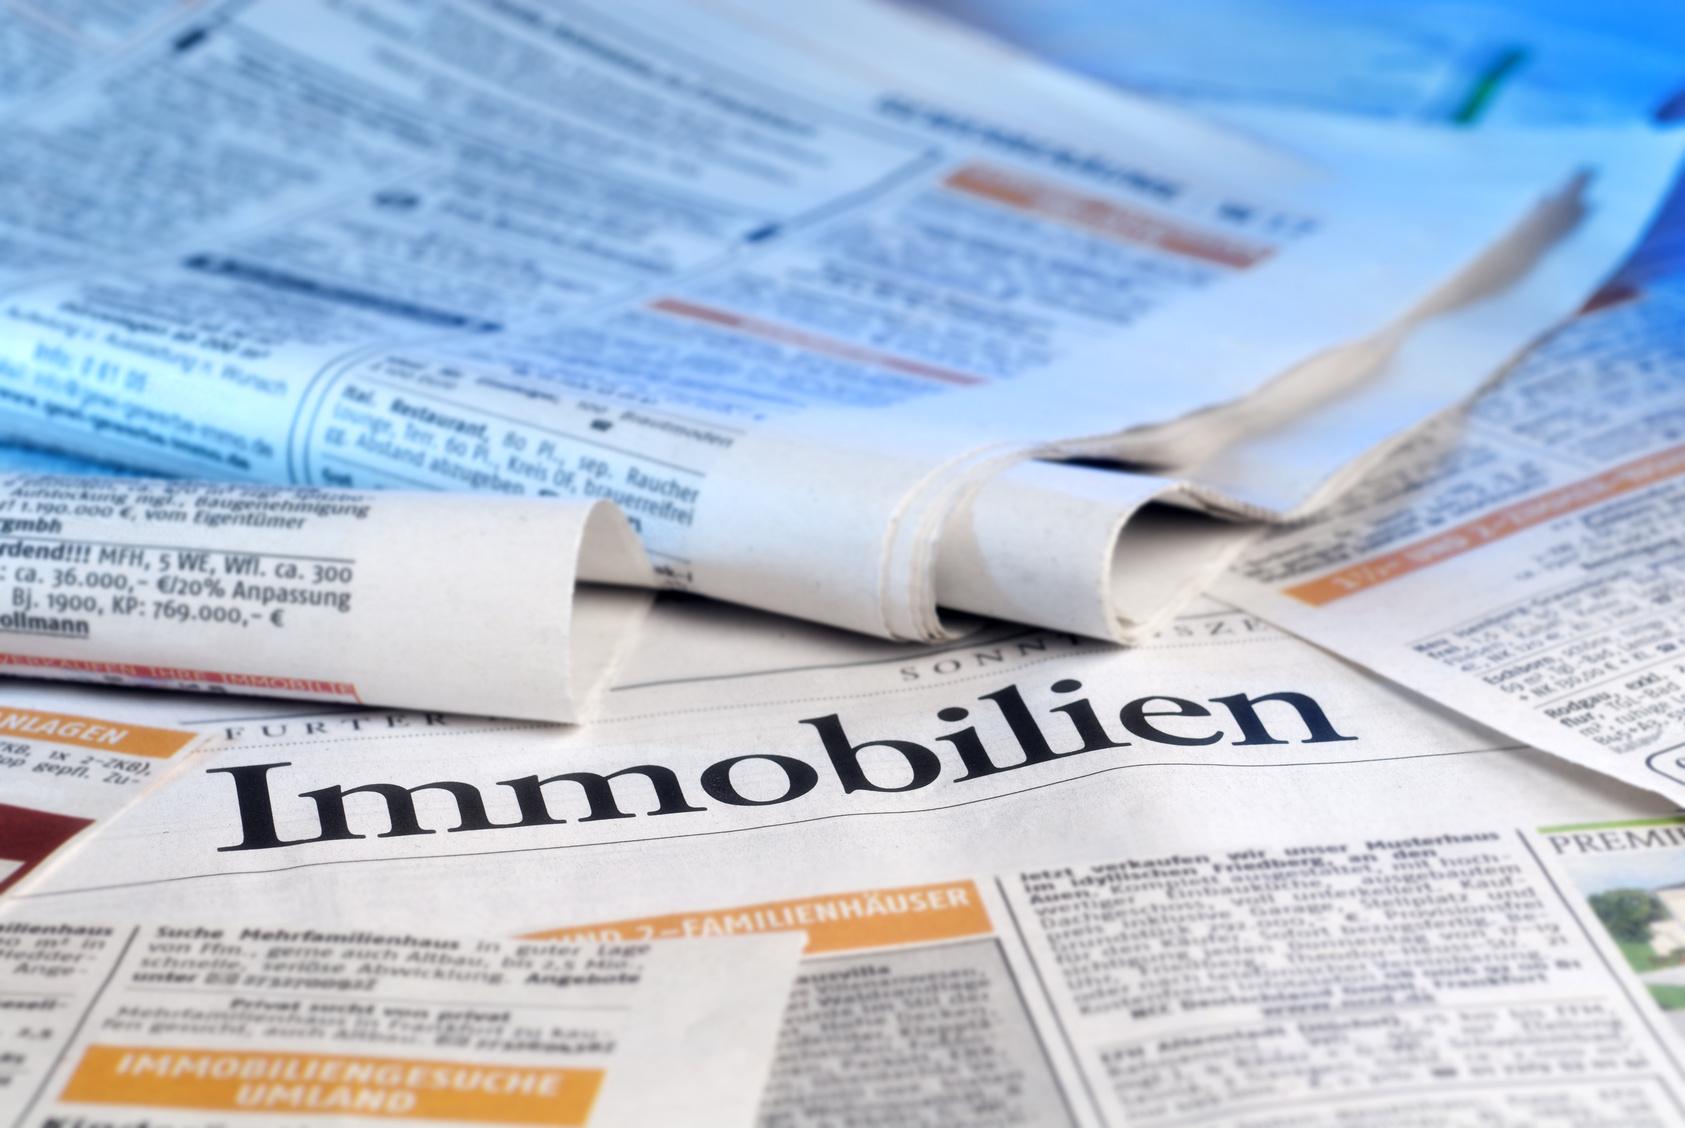 Landler Immobilien - Attraktives Baugrundstück mit Altbestand in ruhiger Wohnlage in Ingolstadt/Nordost